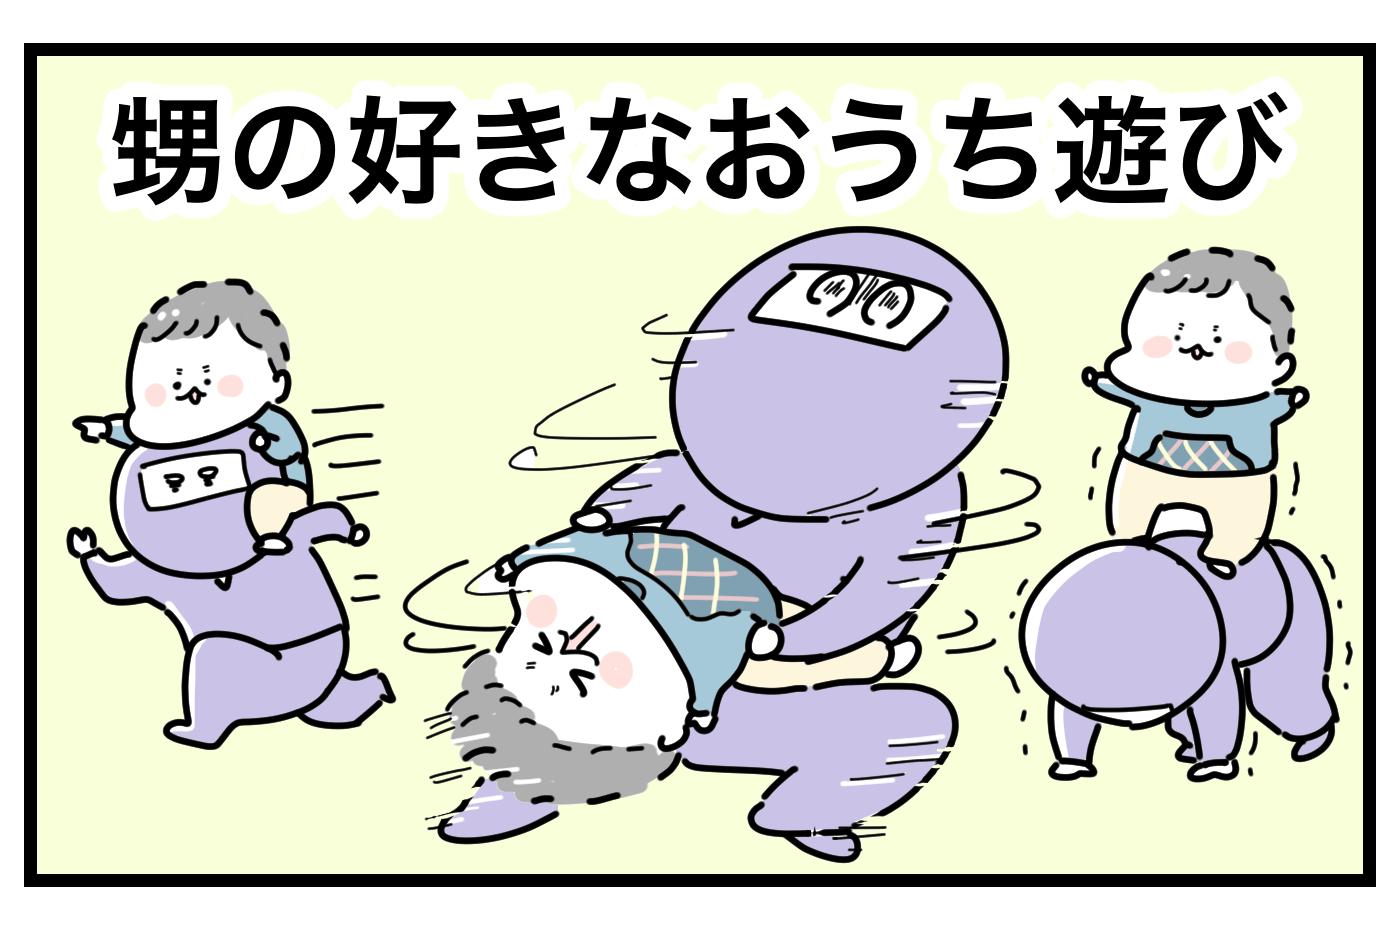 【休園中の過ごし方】違う…! おうち遊びってそうじゃない…!